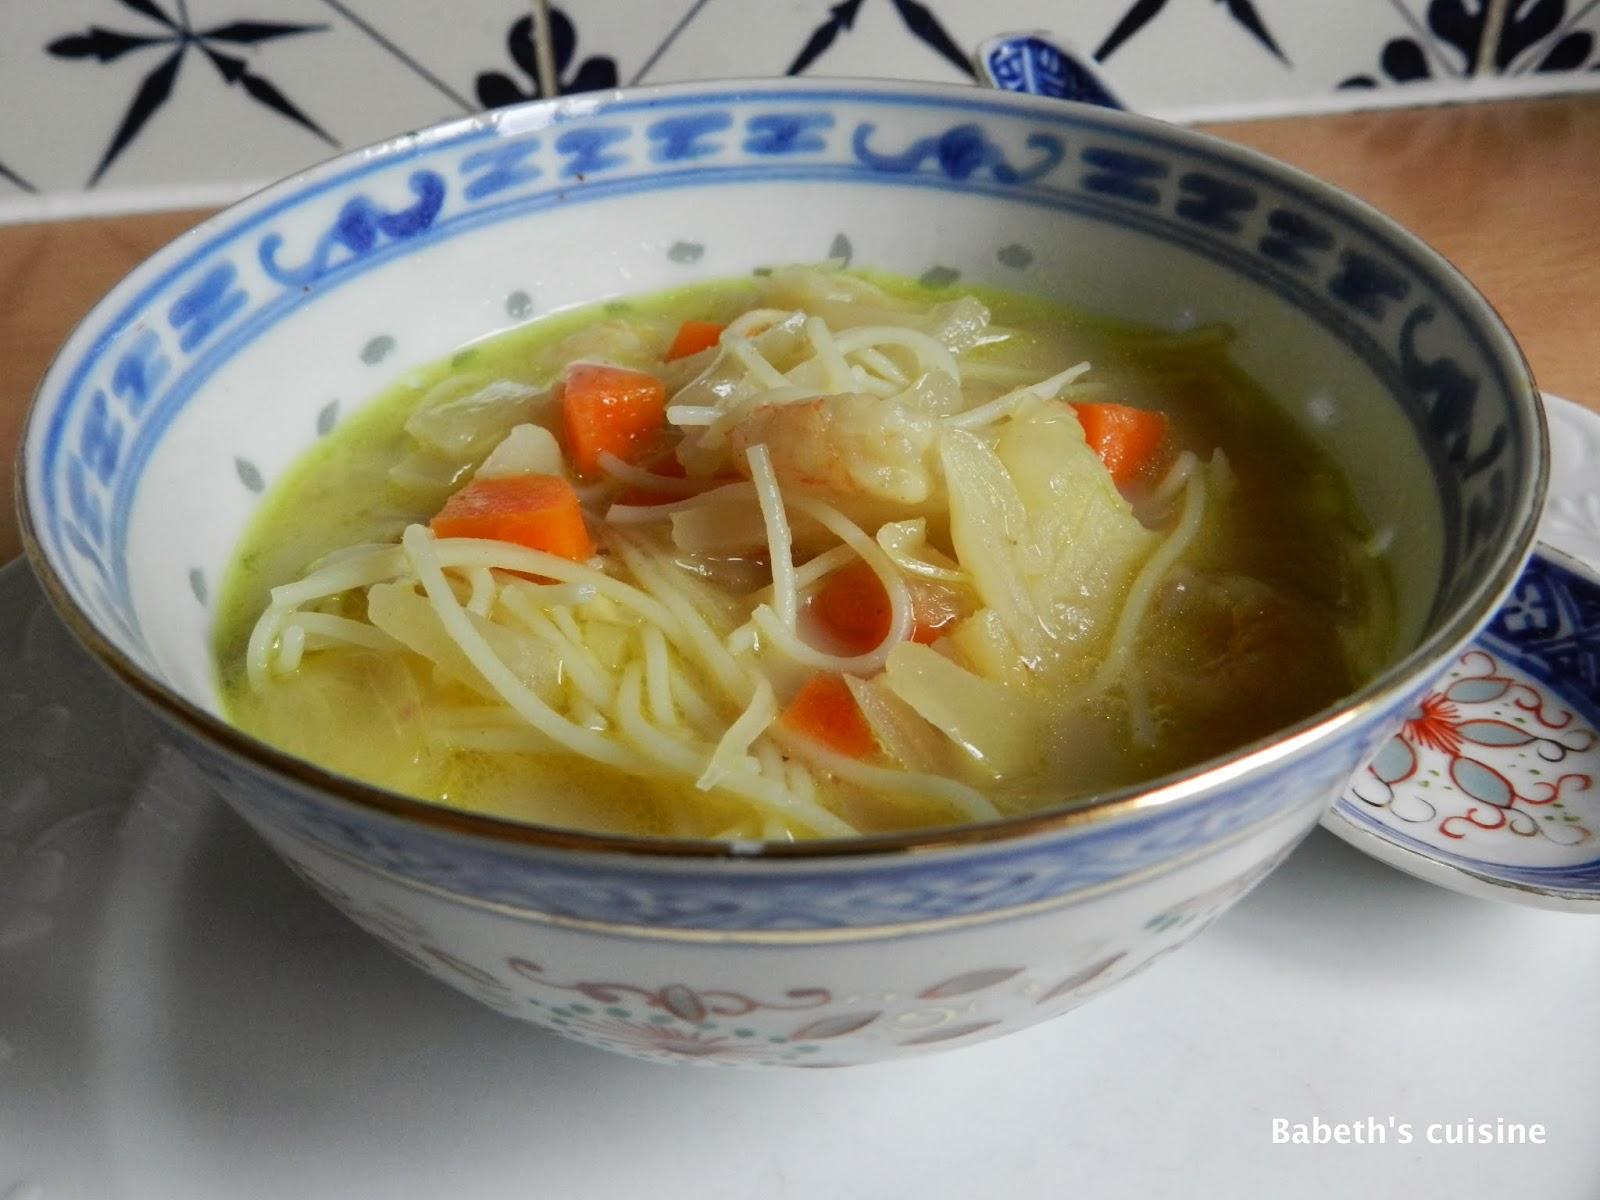 Babeth 39 s cuisine un plat complet dans un bol a peut for Acheter un chinois cuisine